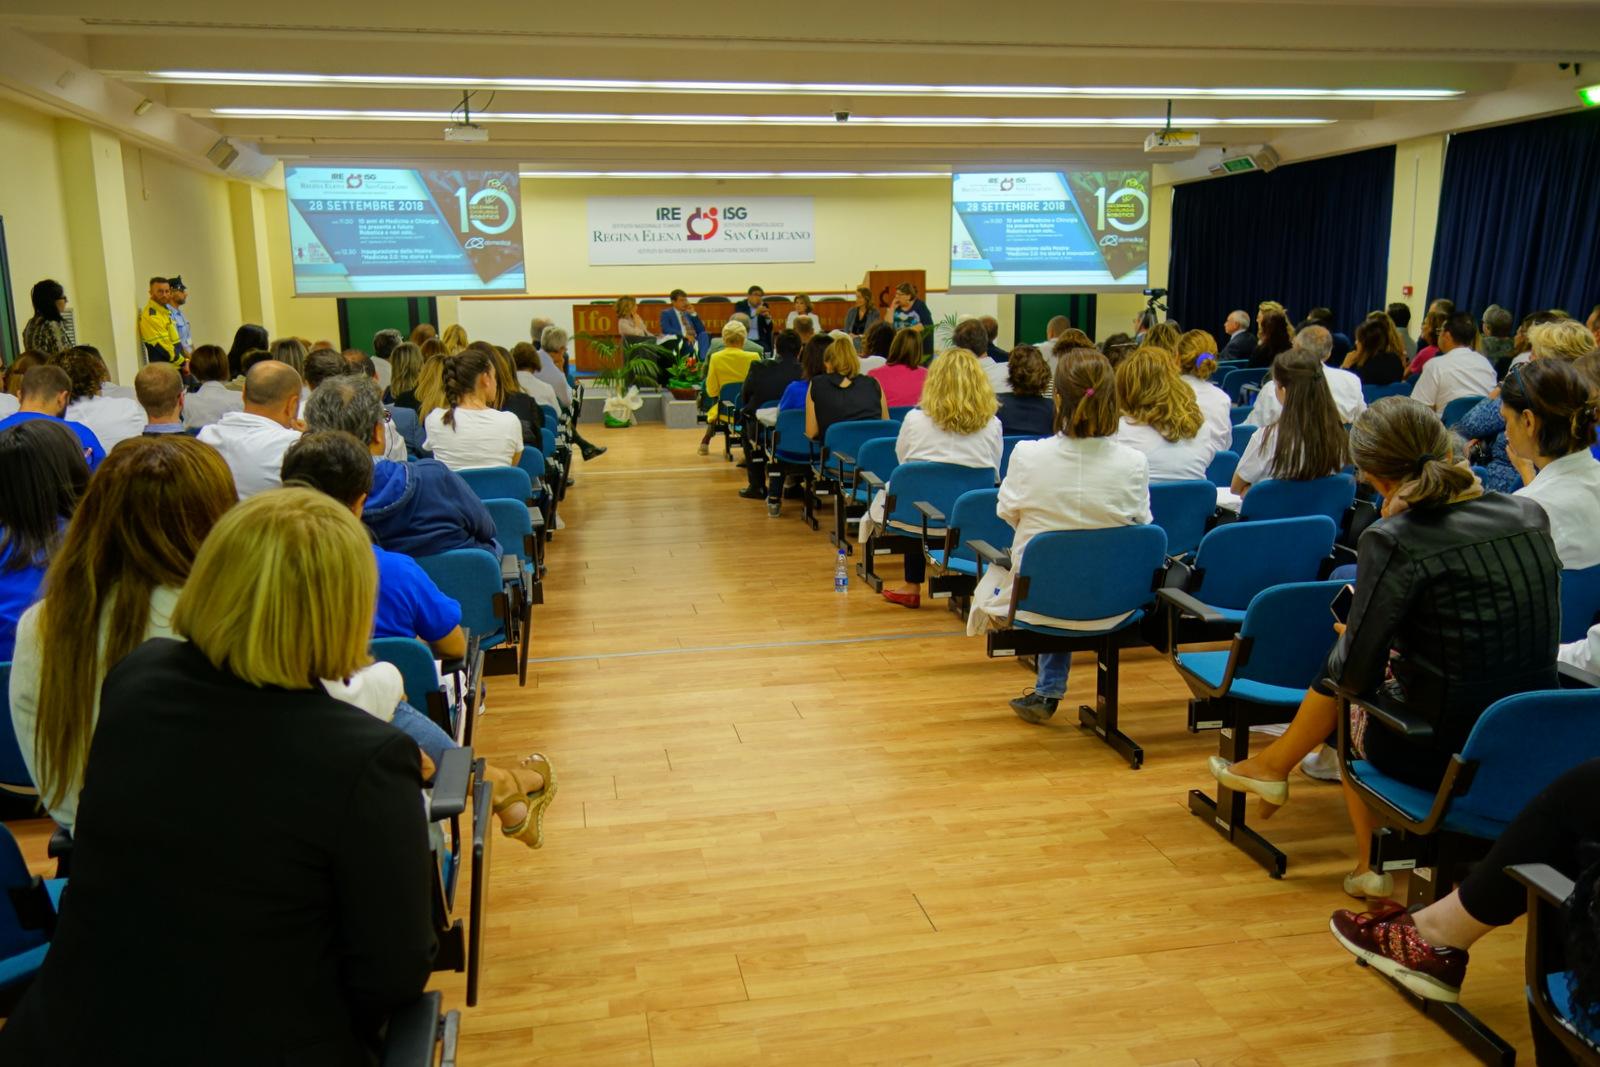 Panoramica del centro congressi IFO per i 10 anni di robotica